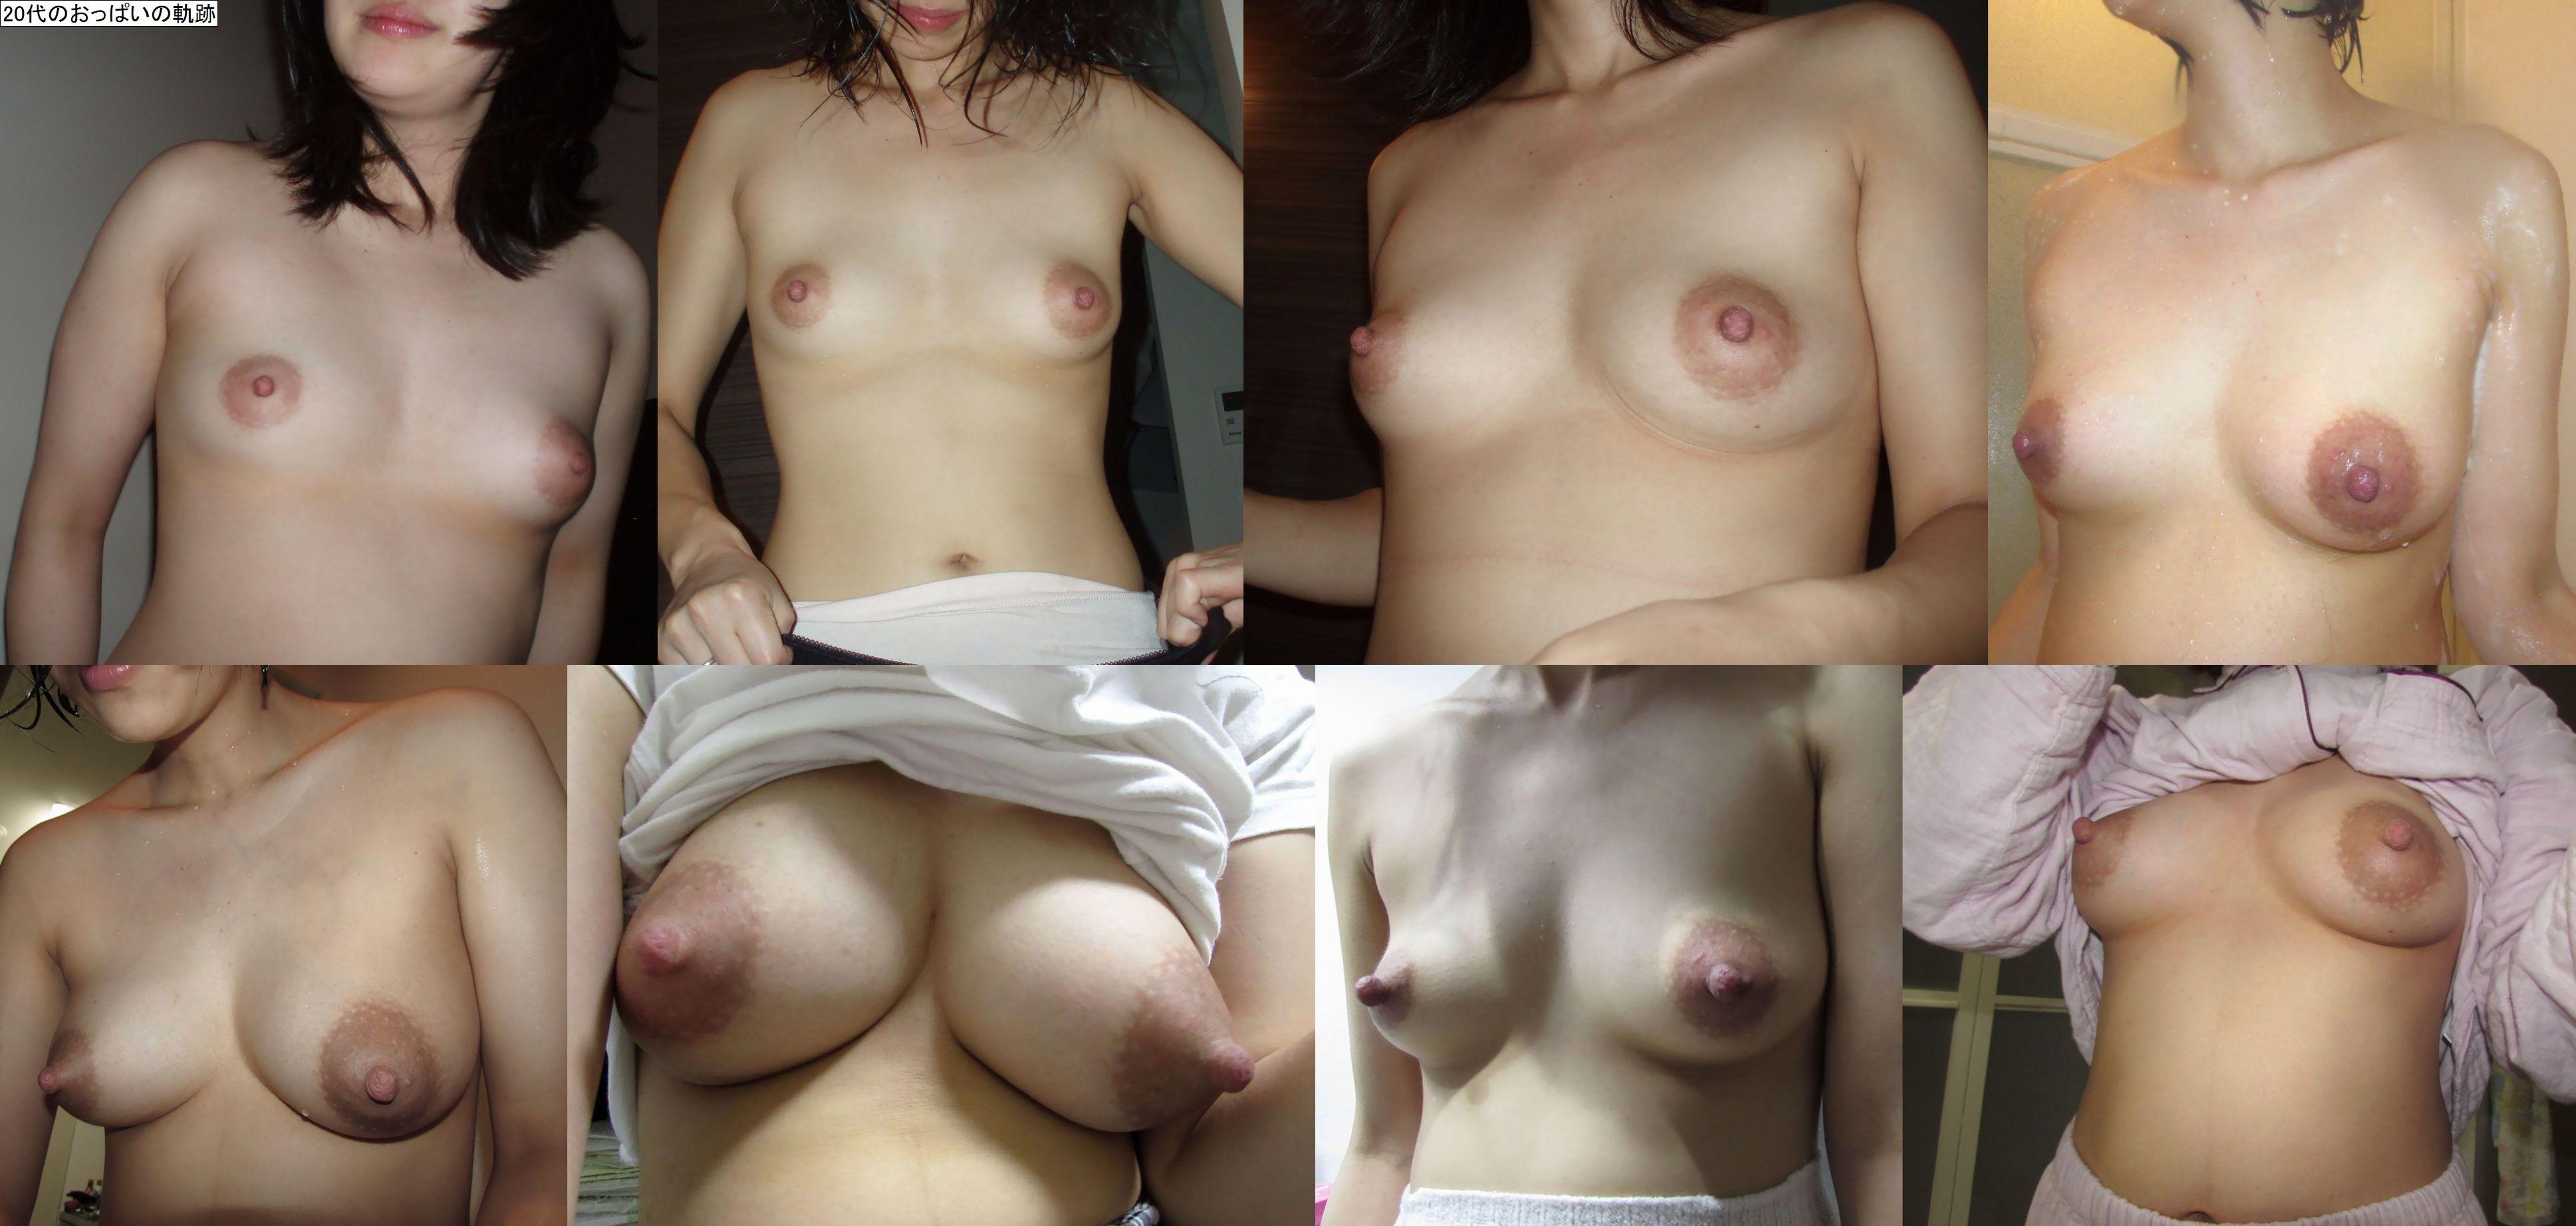 奥さんの乳首と乳輪の形が素晴らしすぎる!!!素人妻のおっぱいエロ画像wwwwwww VgjIZ0N